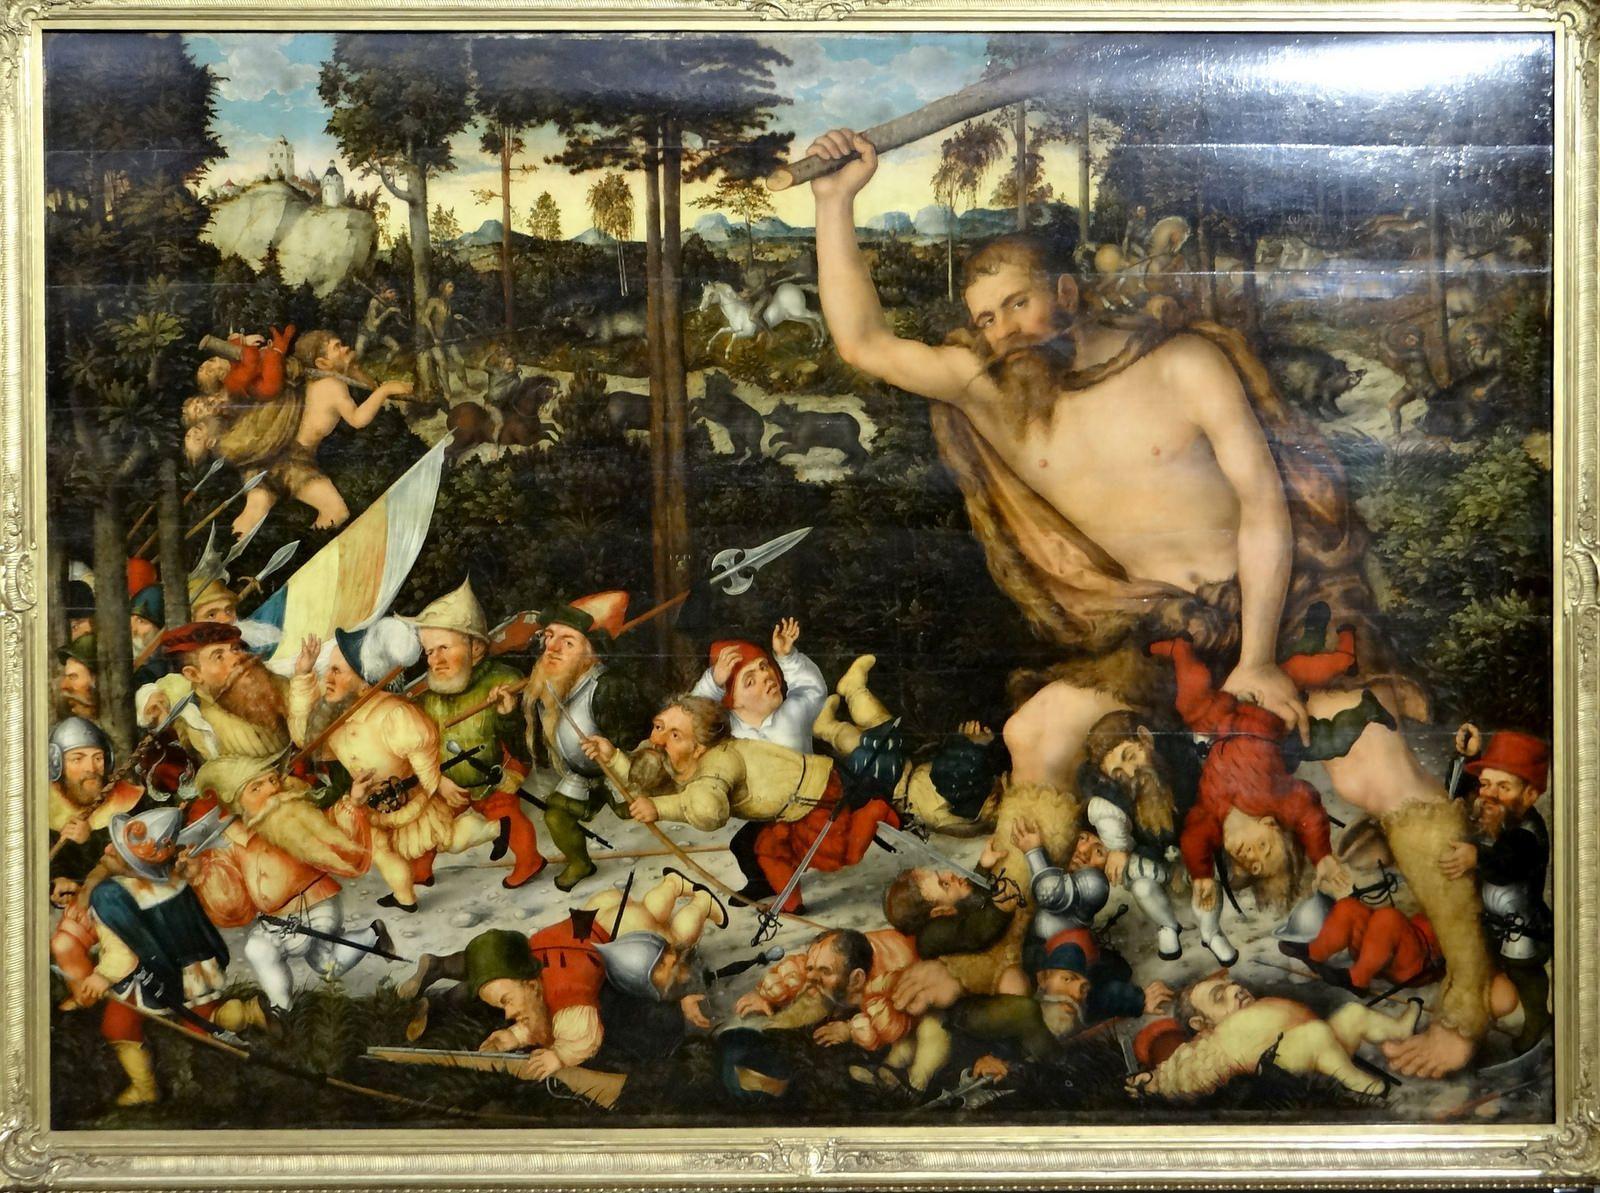 Gemaldegalerie Alte Meister Dresden Lucas Cranach Hercules Lucas